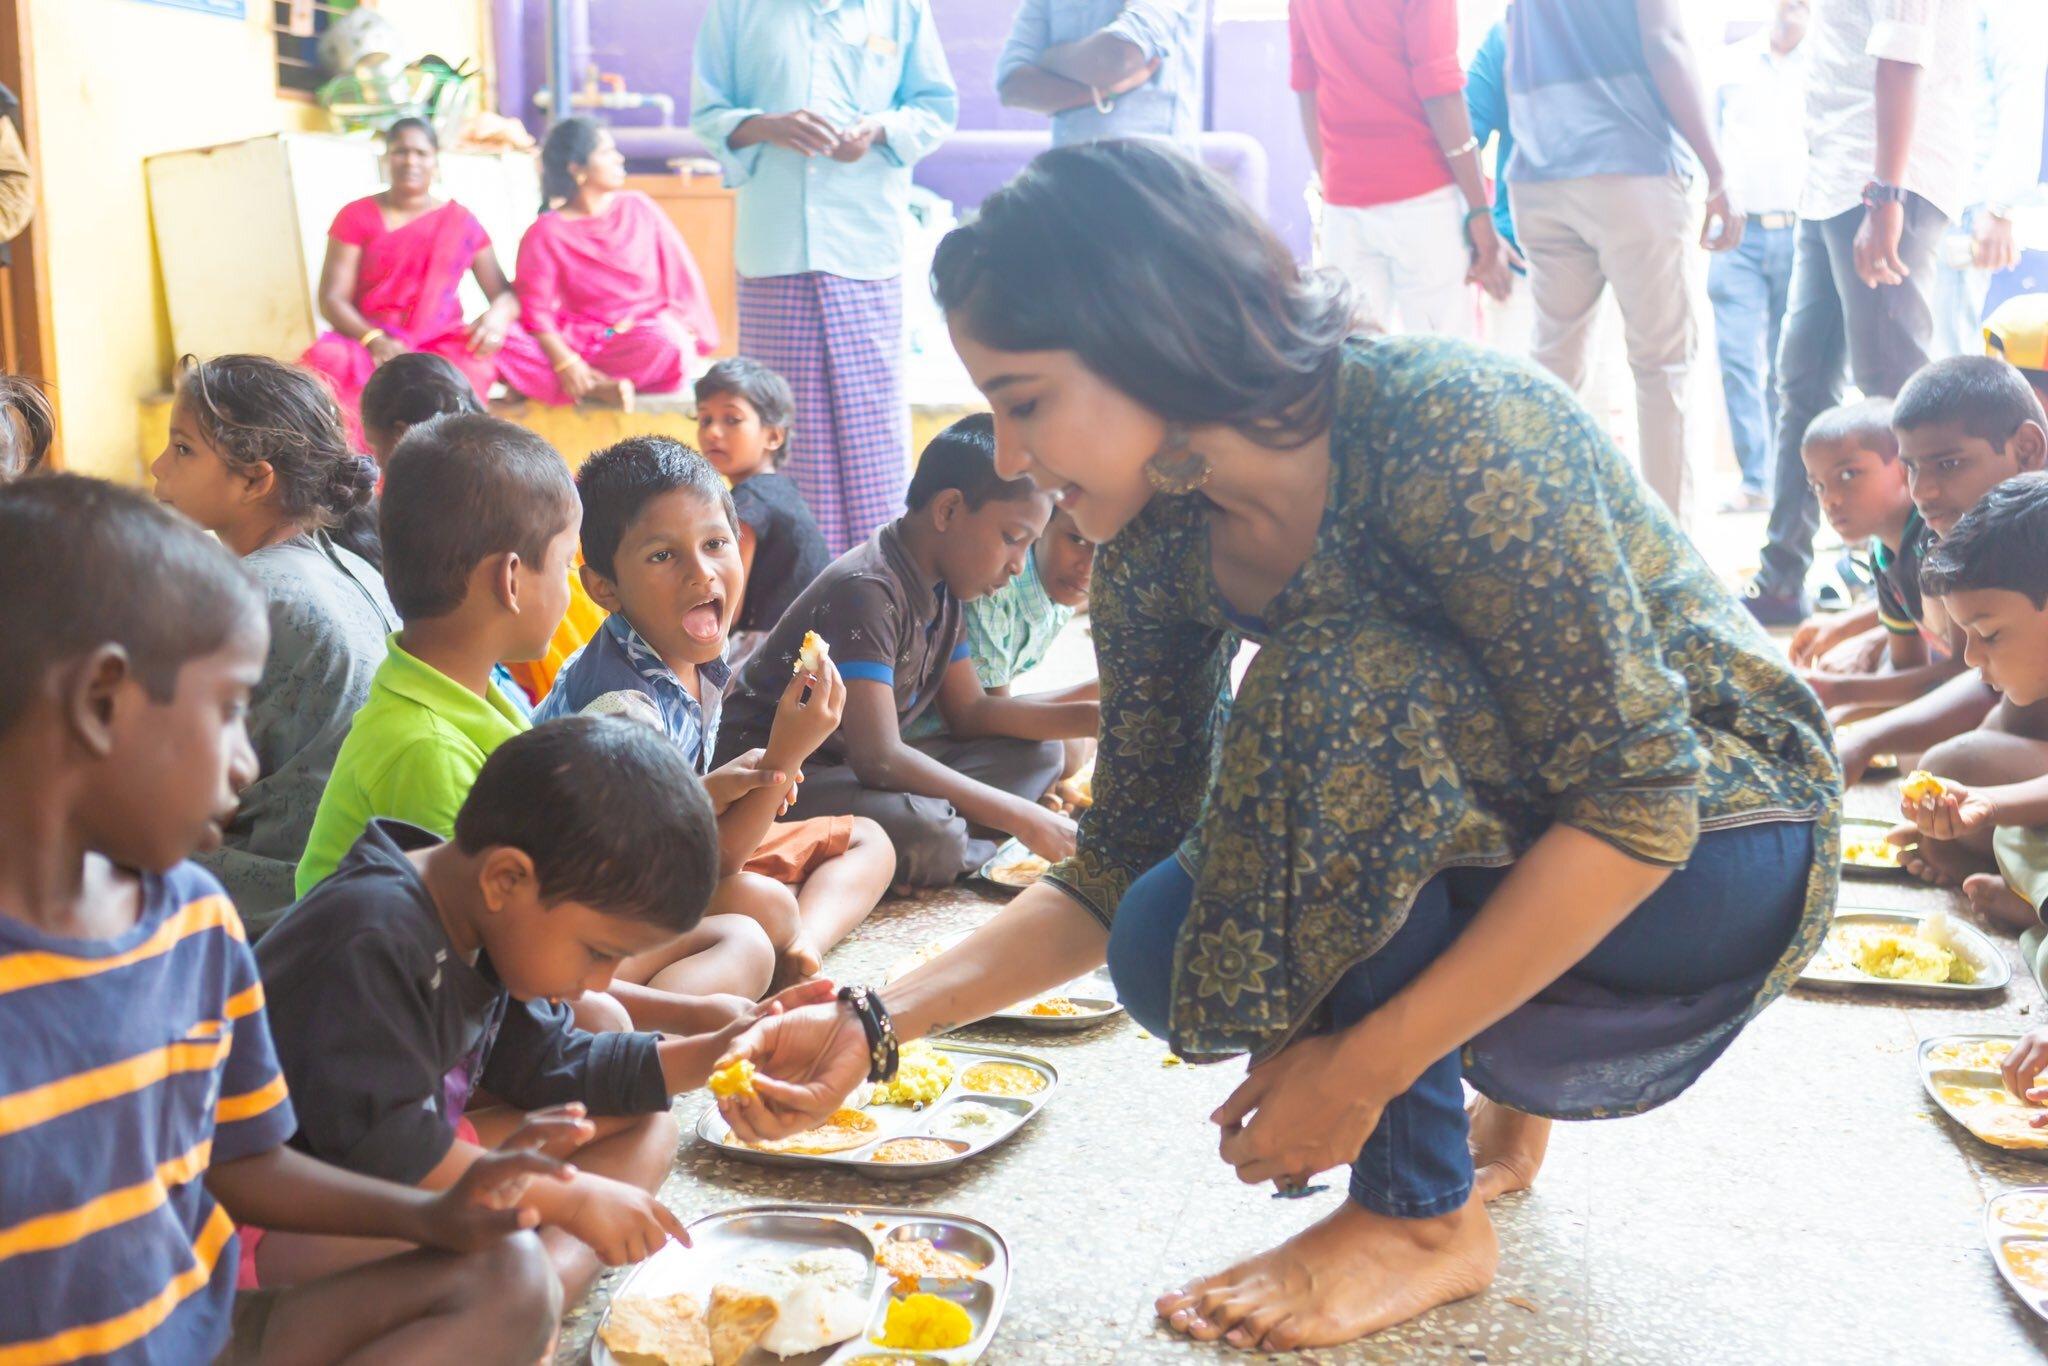 அந்த மனசு தான் சார் கடவுள்.. காதலர் தினத்தை குழந்தைகள் காப்பகத்தில் கொண்டாடிய சாக்ஷி அகர்வால்!